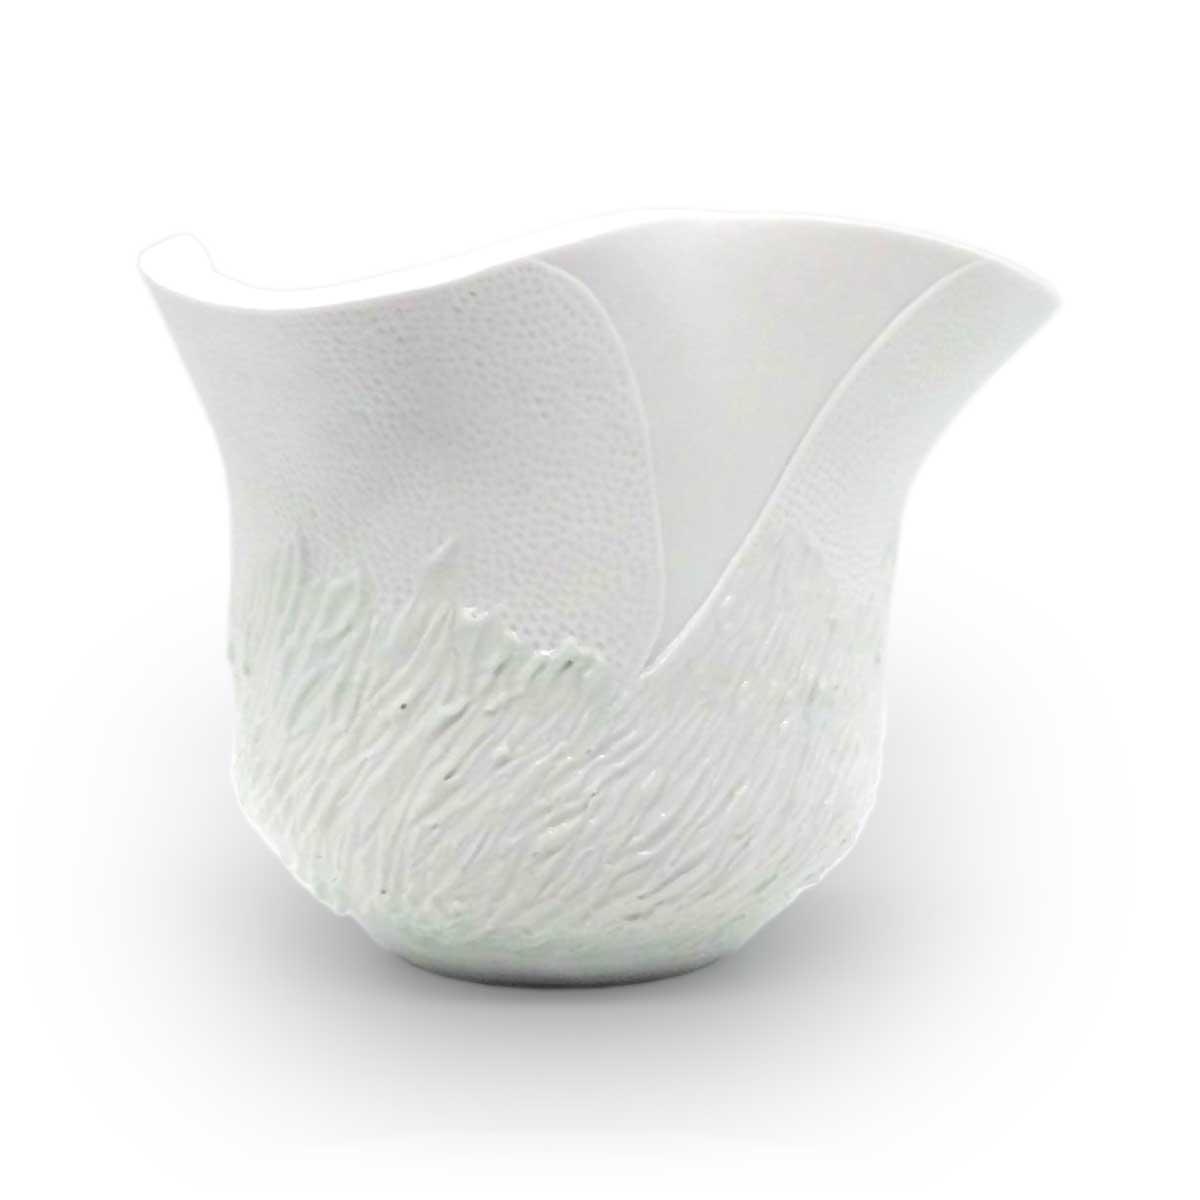 白磁 氷雪の華 花器 松尾博之作